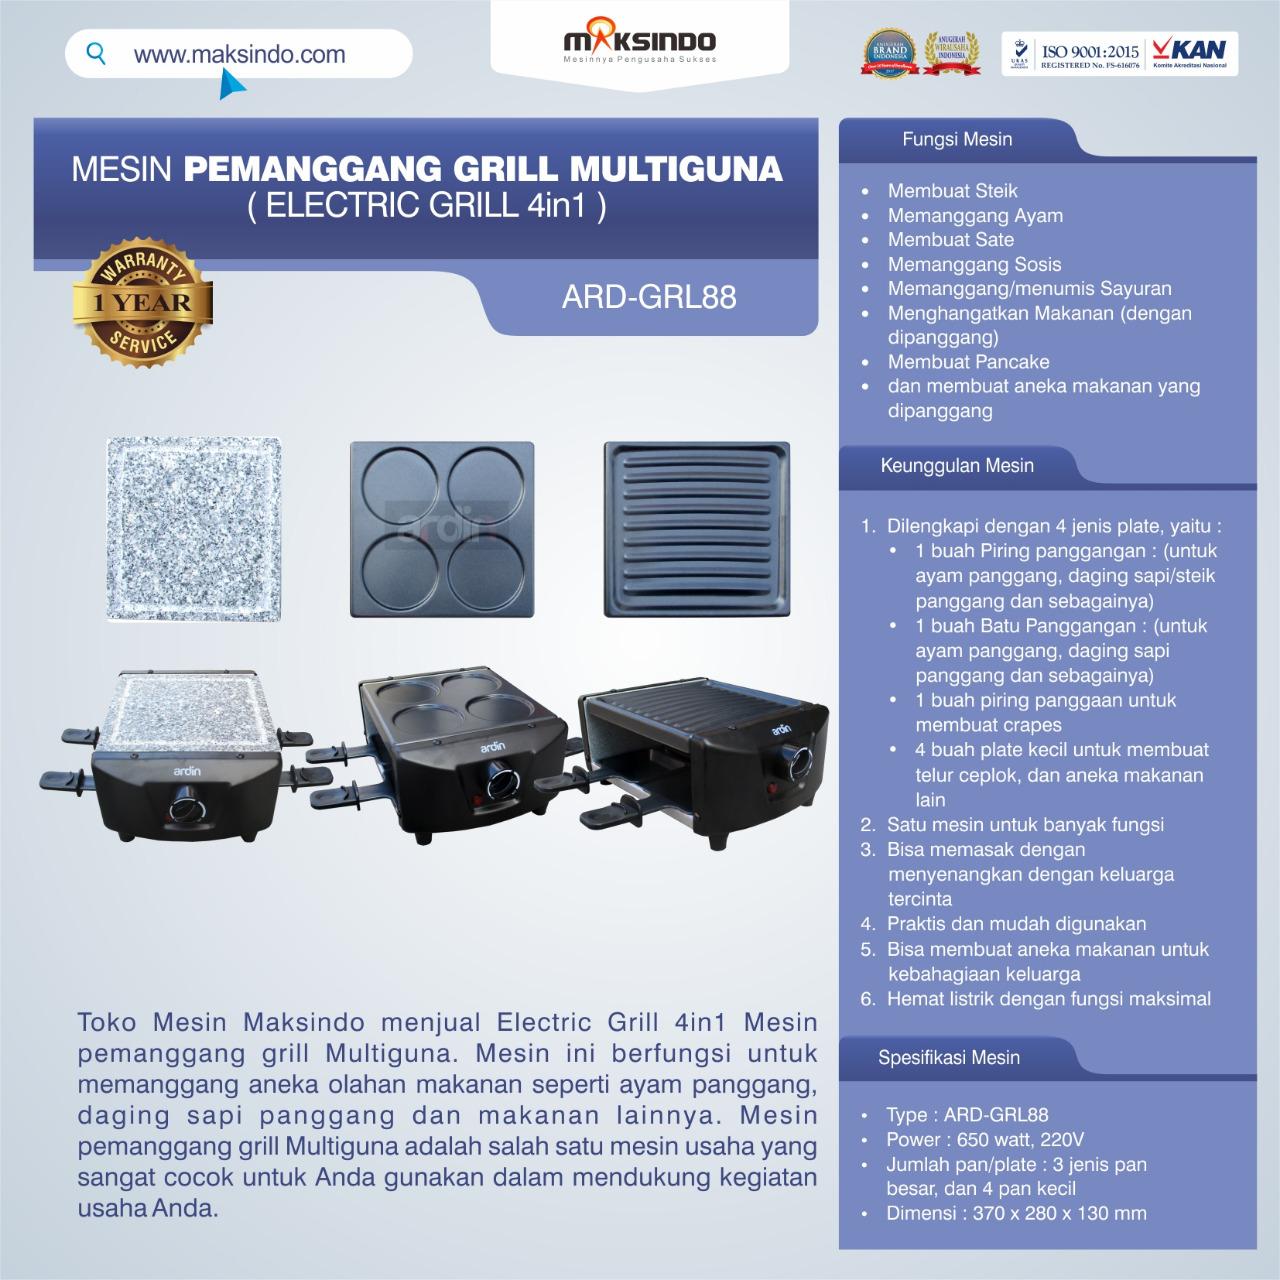 Jual Mesin Pemanggang Grill Multiguna (Electric Grill 4in1) ARD-GRL88 di Tangerang